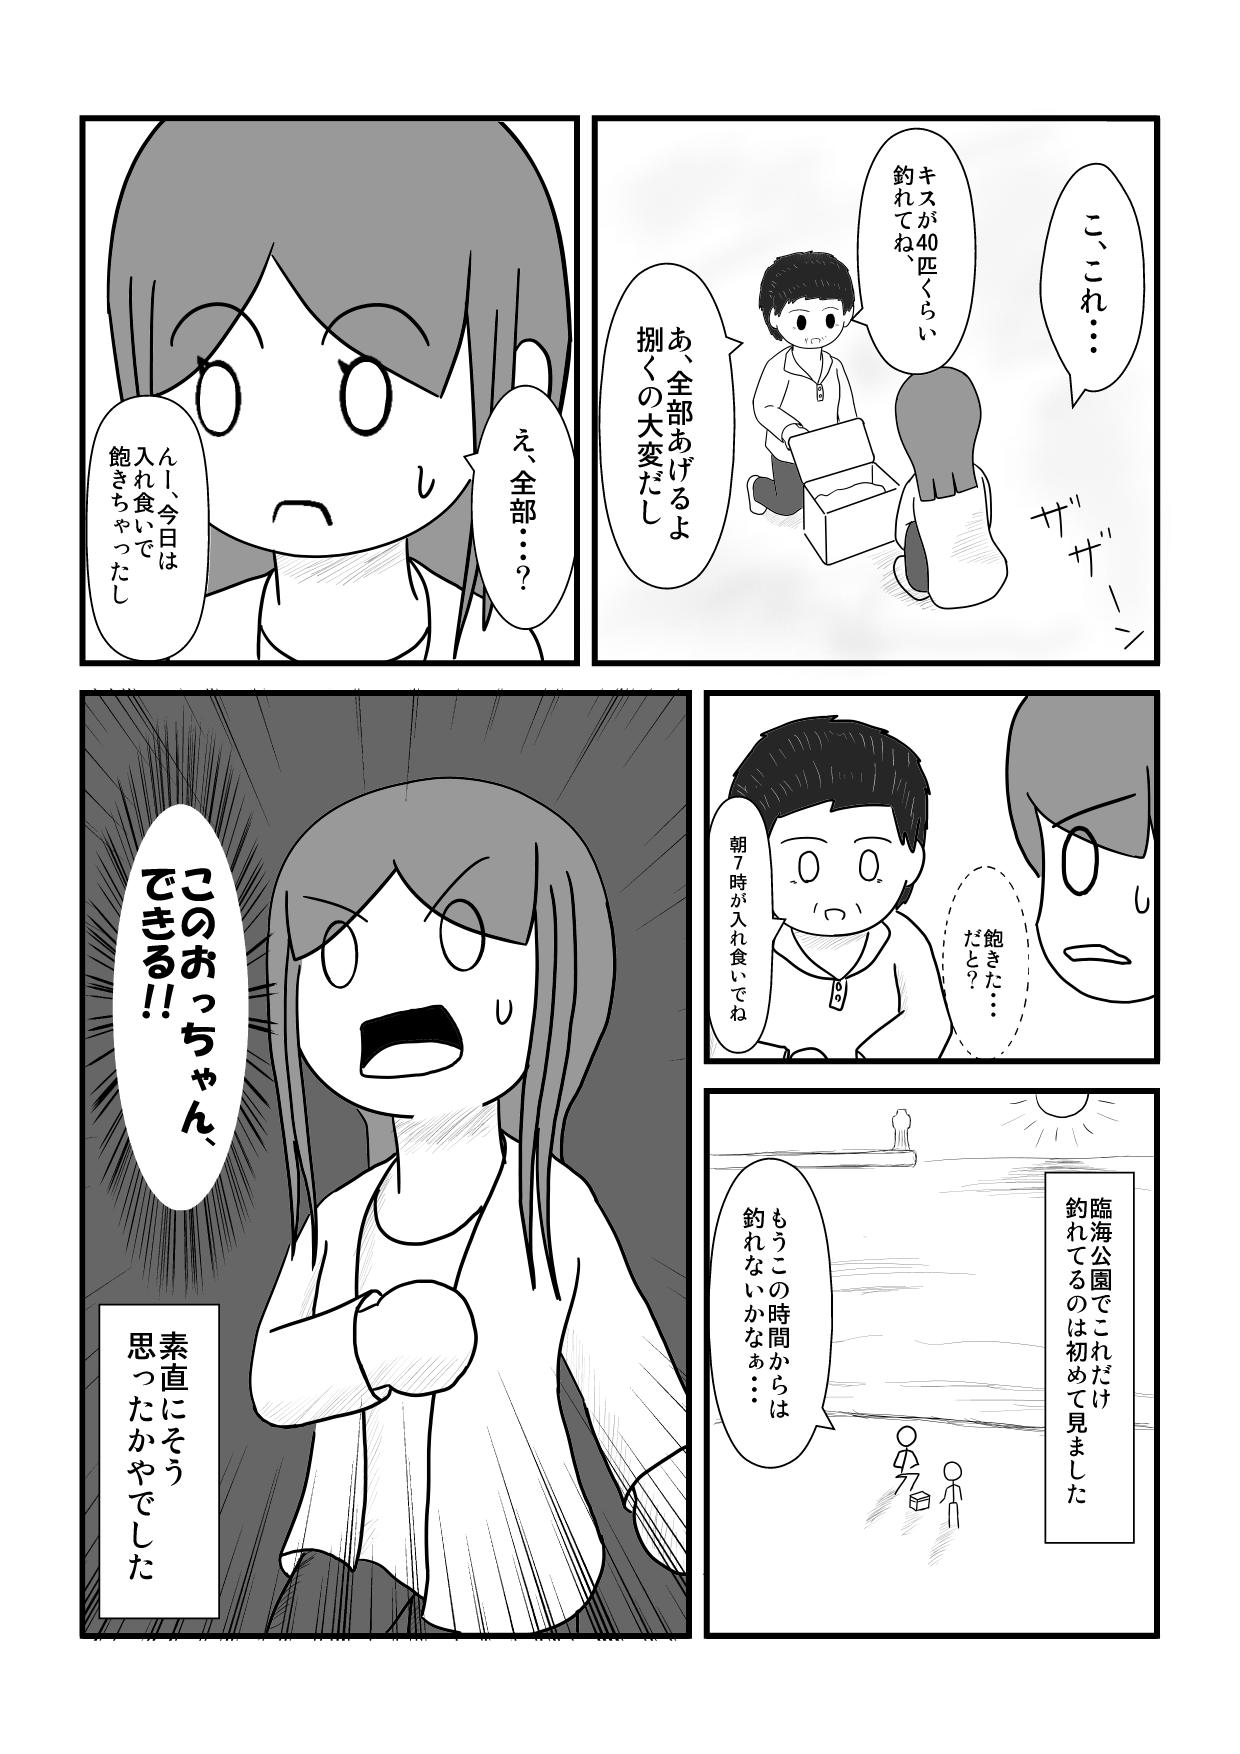 2018-6-10 臨海公園 (3)